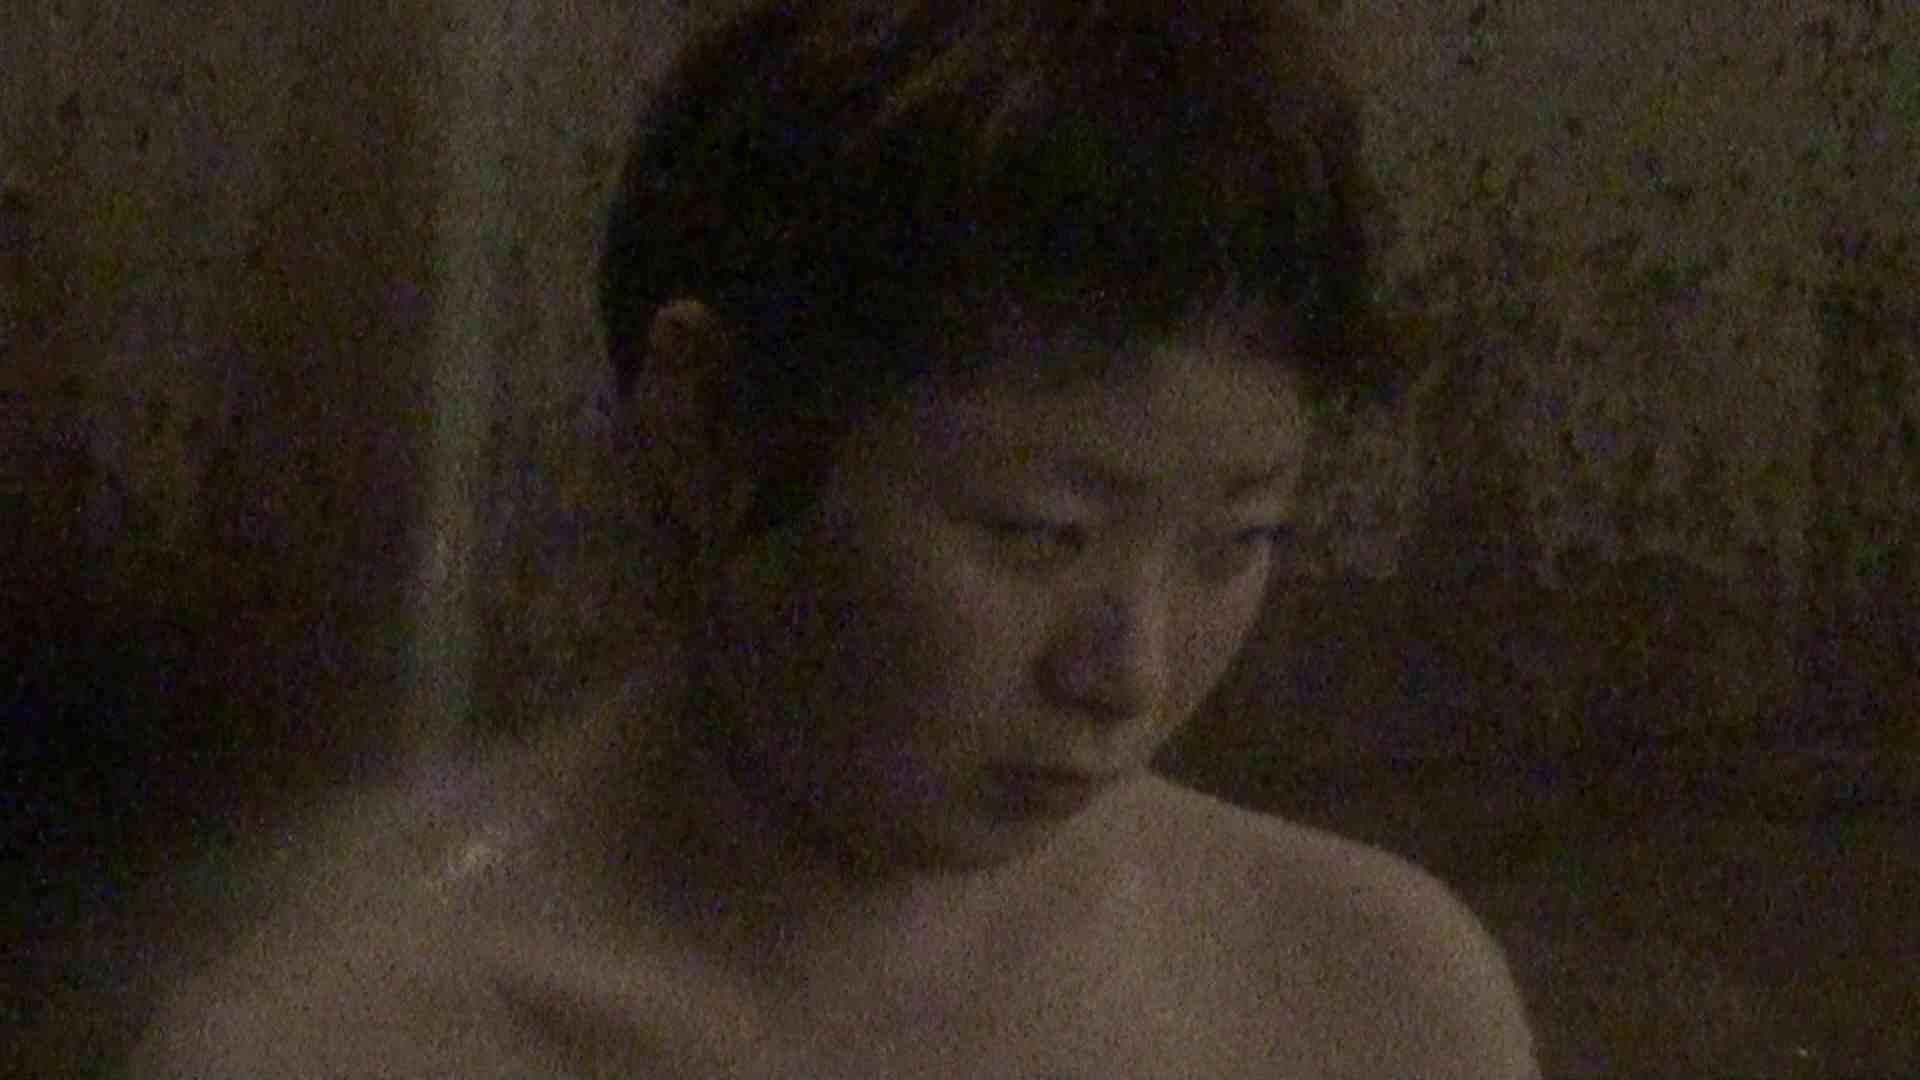 Aquaな露天風呂Vol.377 盗撮 | 露天  72pic 32